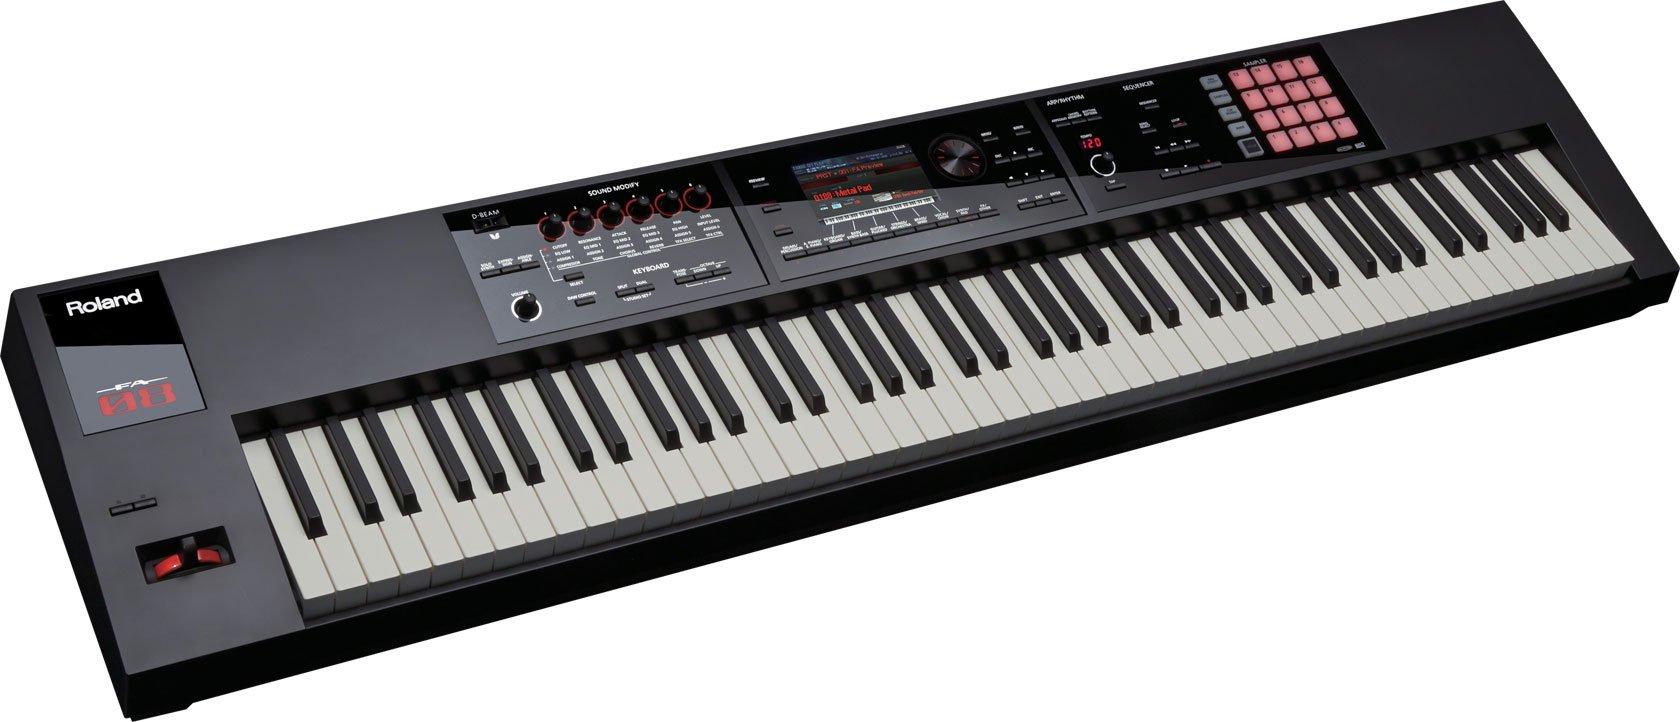 Yamaha MOXF8 Vs Roland FA-08